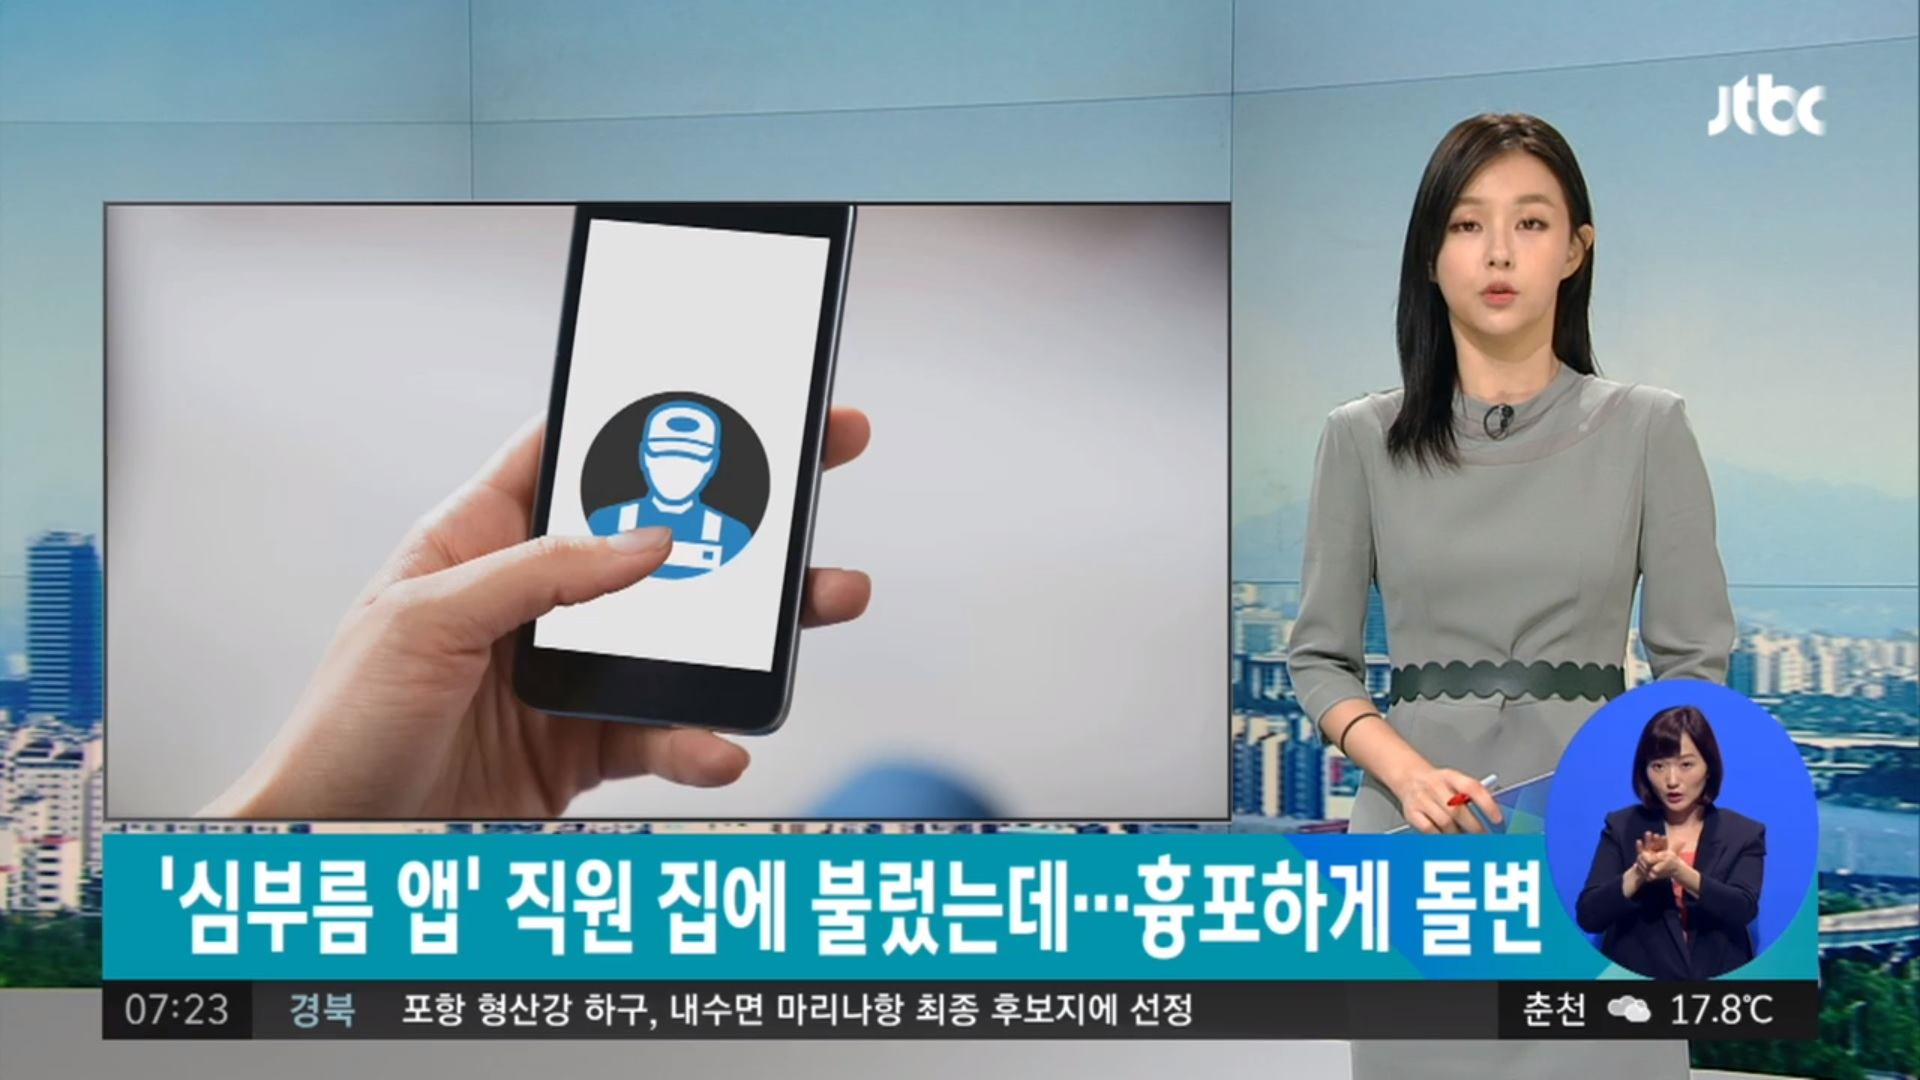 經過這次的事件,對於有性犯罪前科的人的就業問題,引起了極大的關注,大家又覺得應該重新接納他們嗎? 翻譯自:JTBC